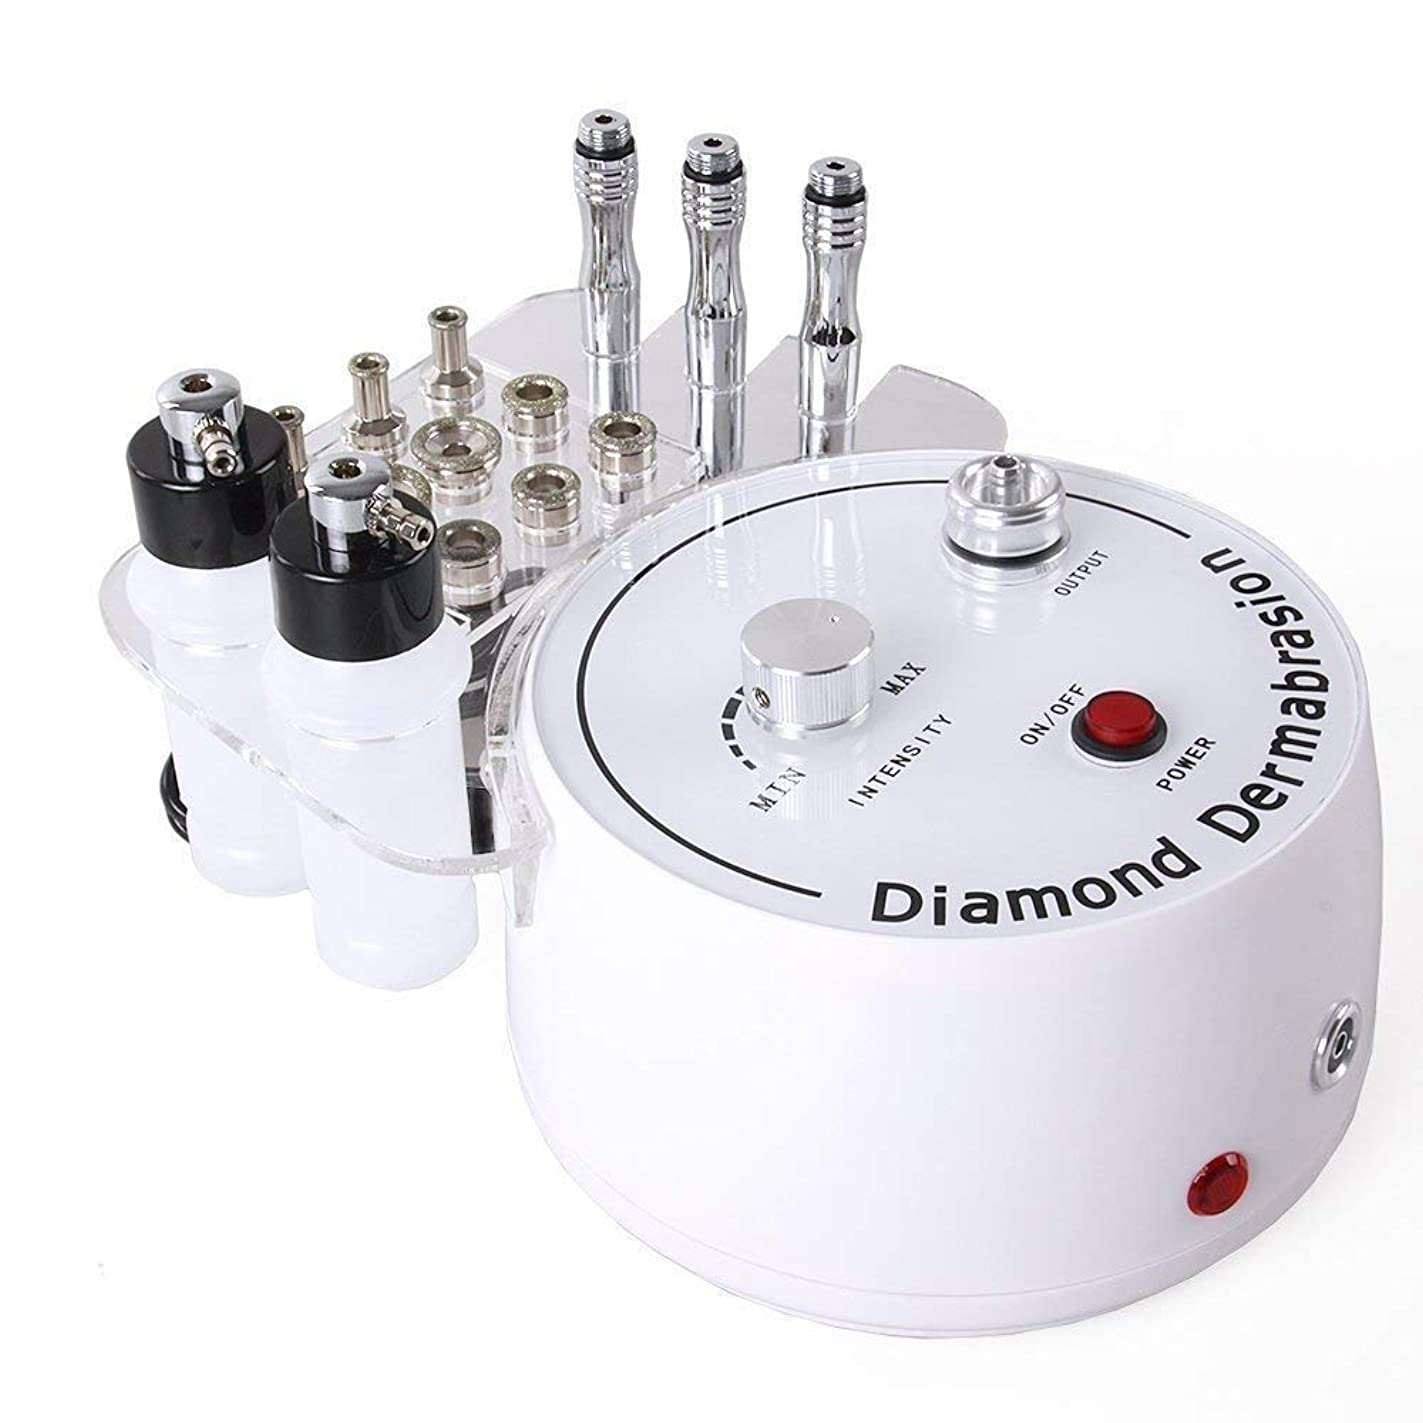 誕生アレンジ上院議員3 in 1ダイヤモンドマイクロダーマブレーションマシン、プロフェッショナルダイヤモンドダーマブレーションマシンパーソナルケア用のフェイシャルケアサロン機器、チップとワンド付き